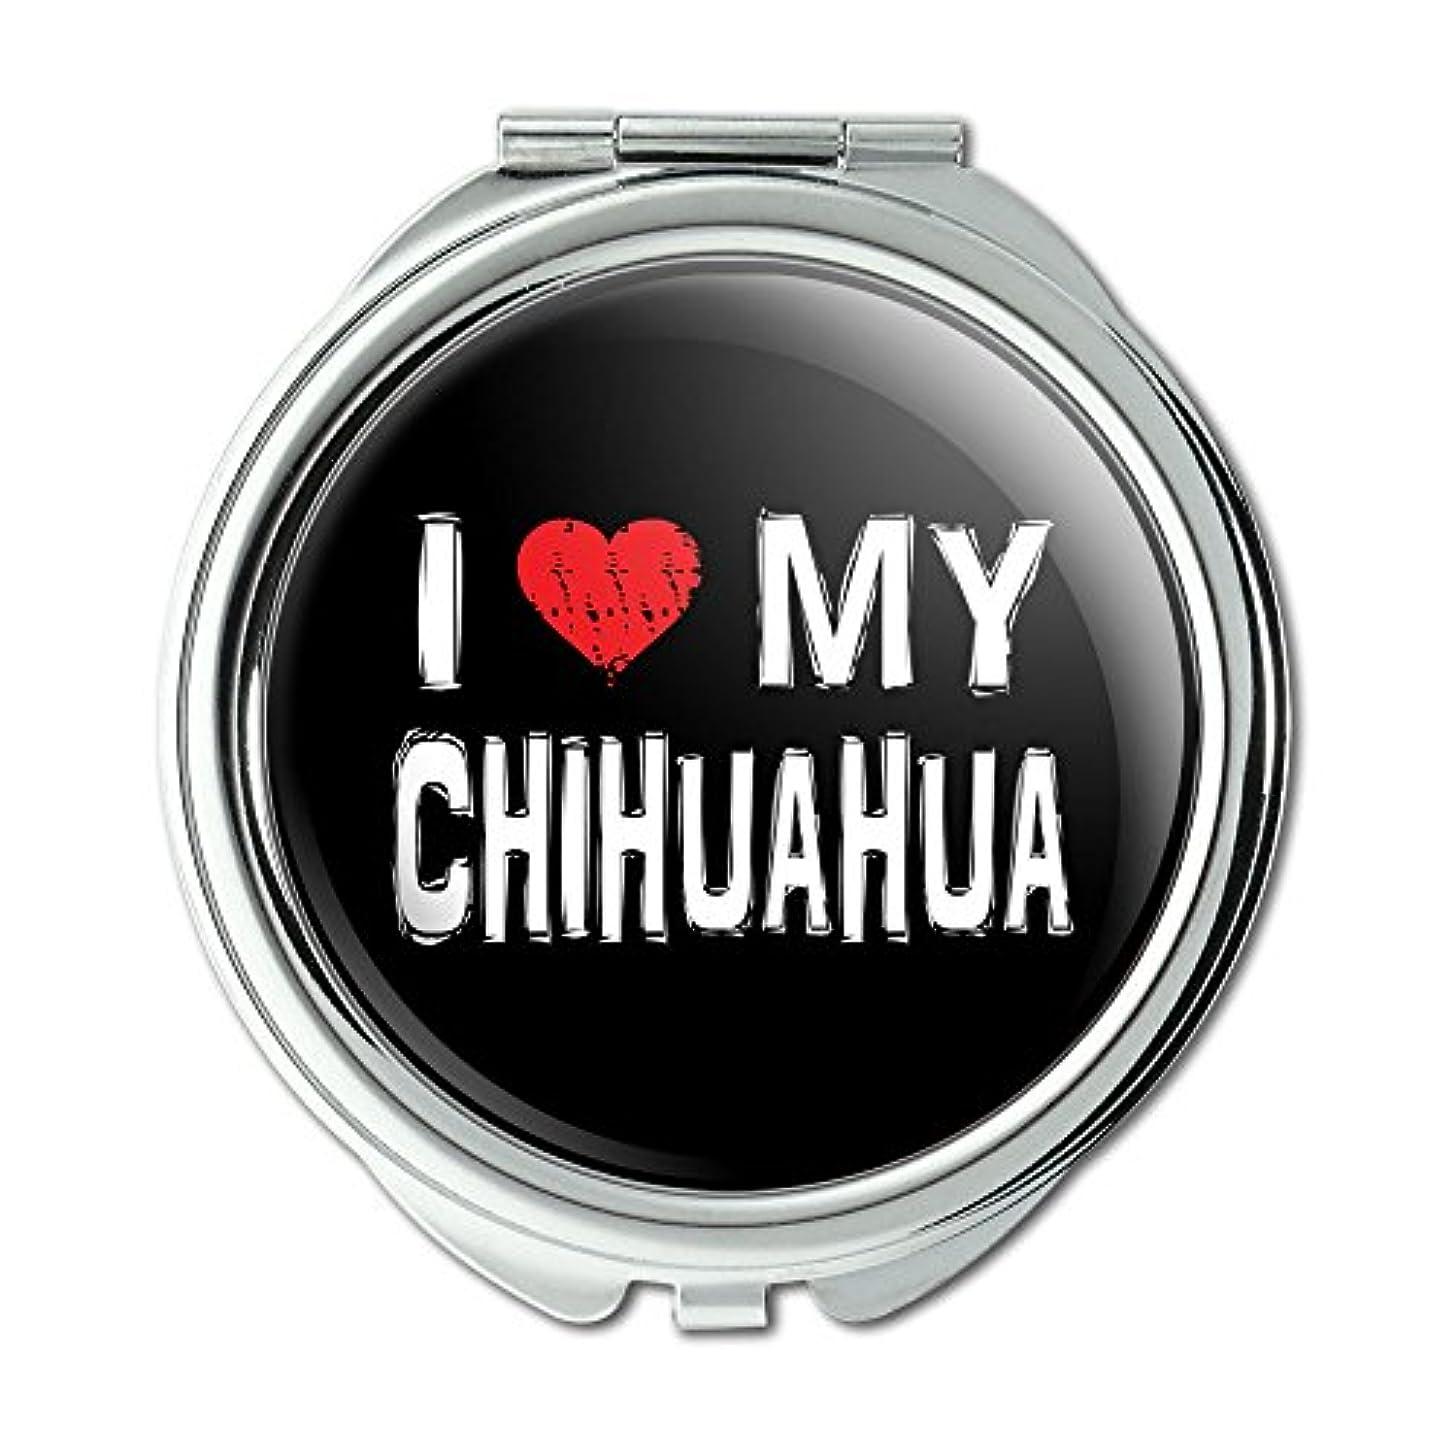 追い出すトンネルルネッサンスI Love My Chihuahua Stylish Compact Purse Mirror